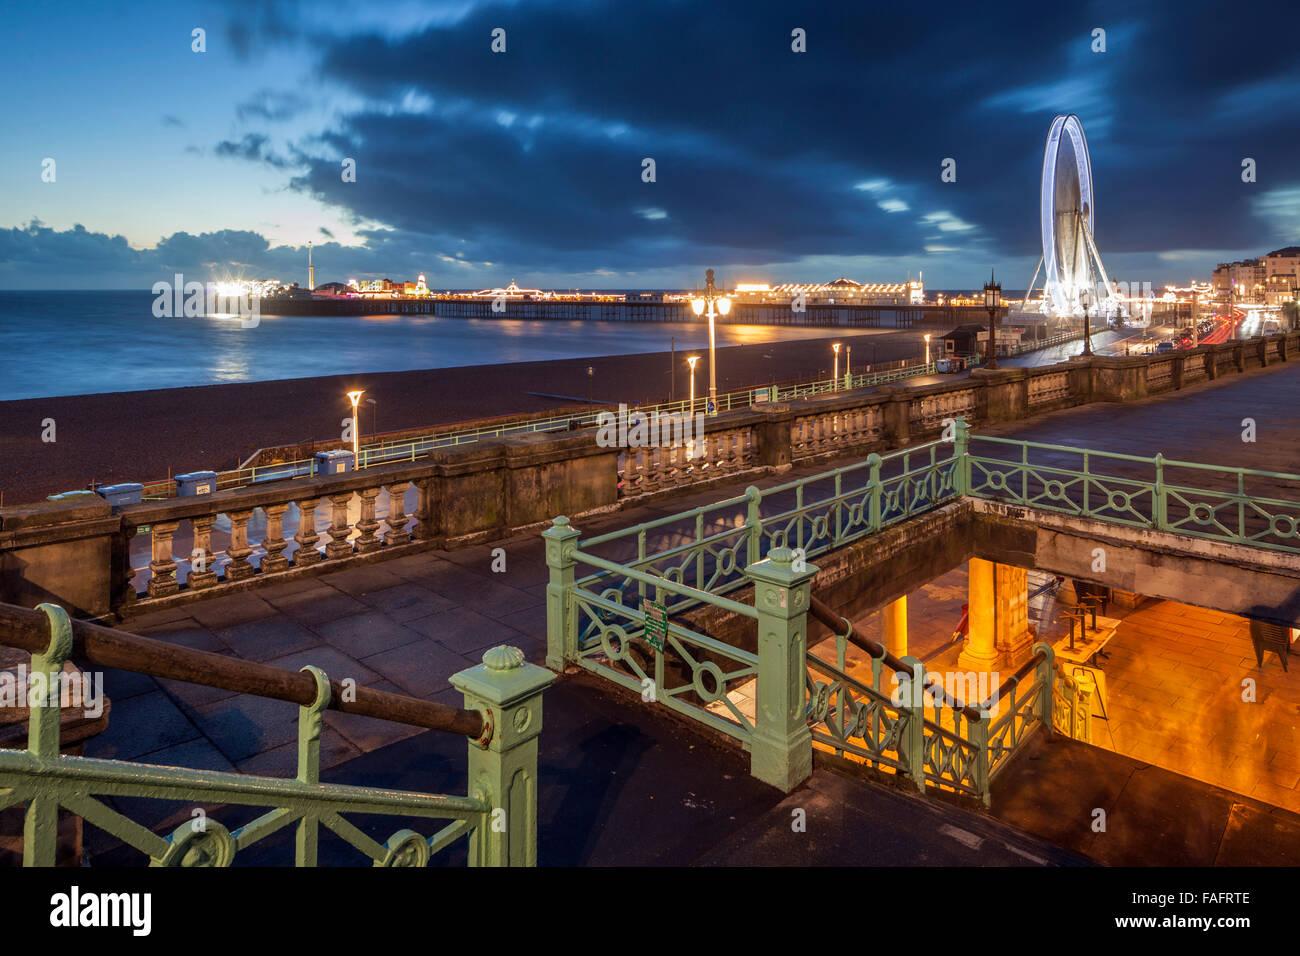 La nuit tombe sur le front de mer de Brighton, East Sussex, Angleterre. Photo Stock